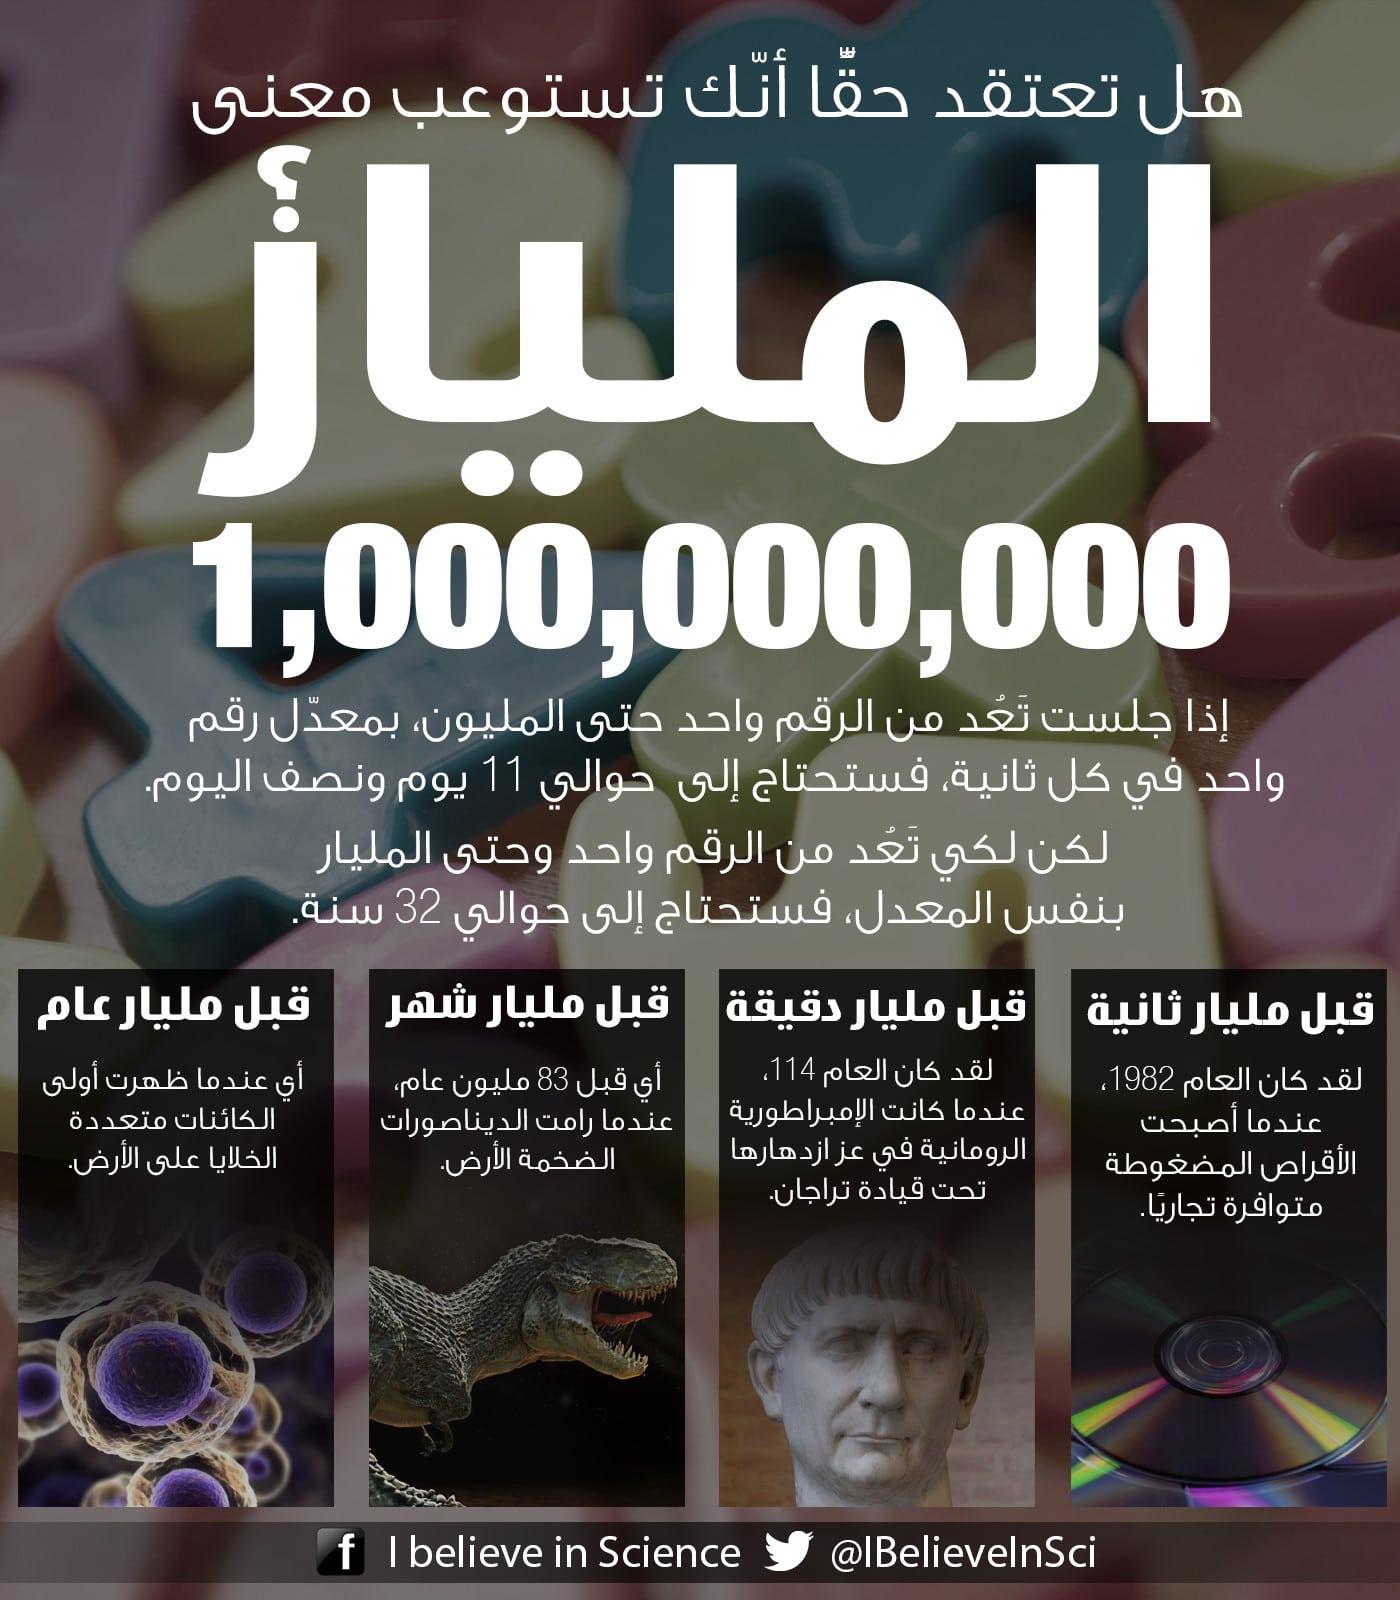 هل تعتقد حقا أنك تستوعب معنى المليار (1,000,000,000)؟